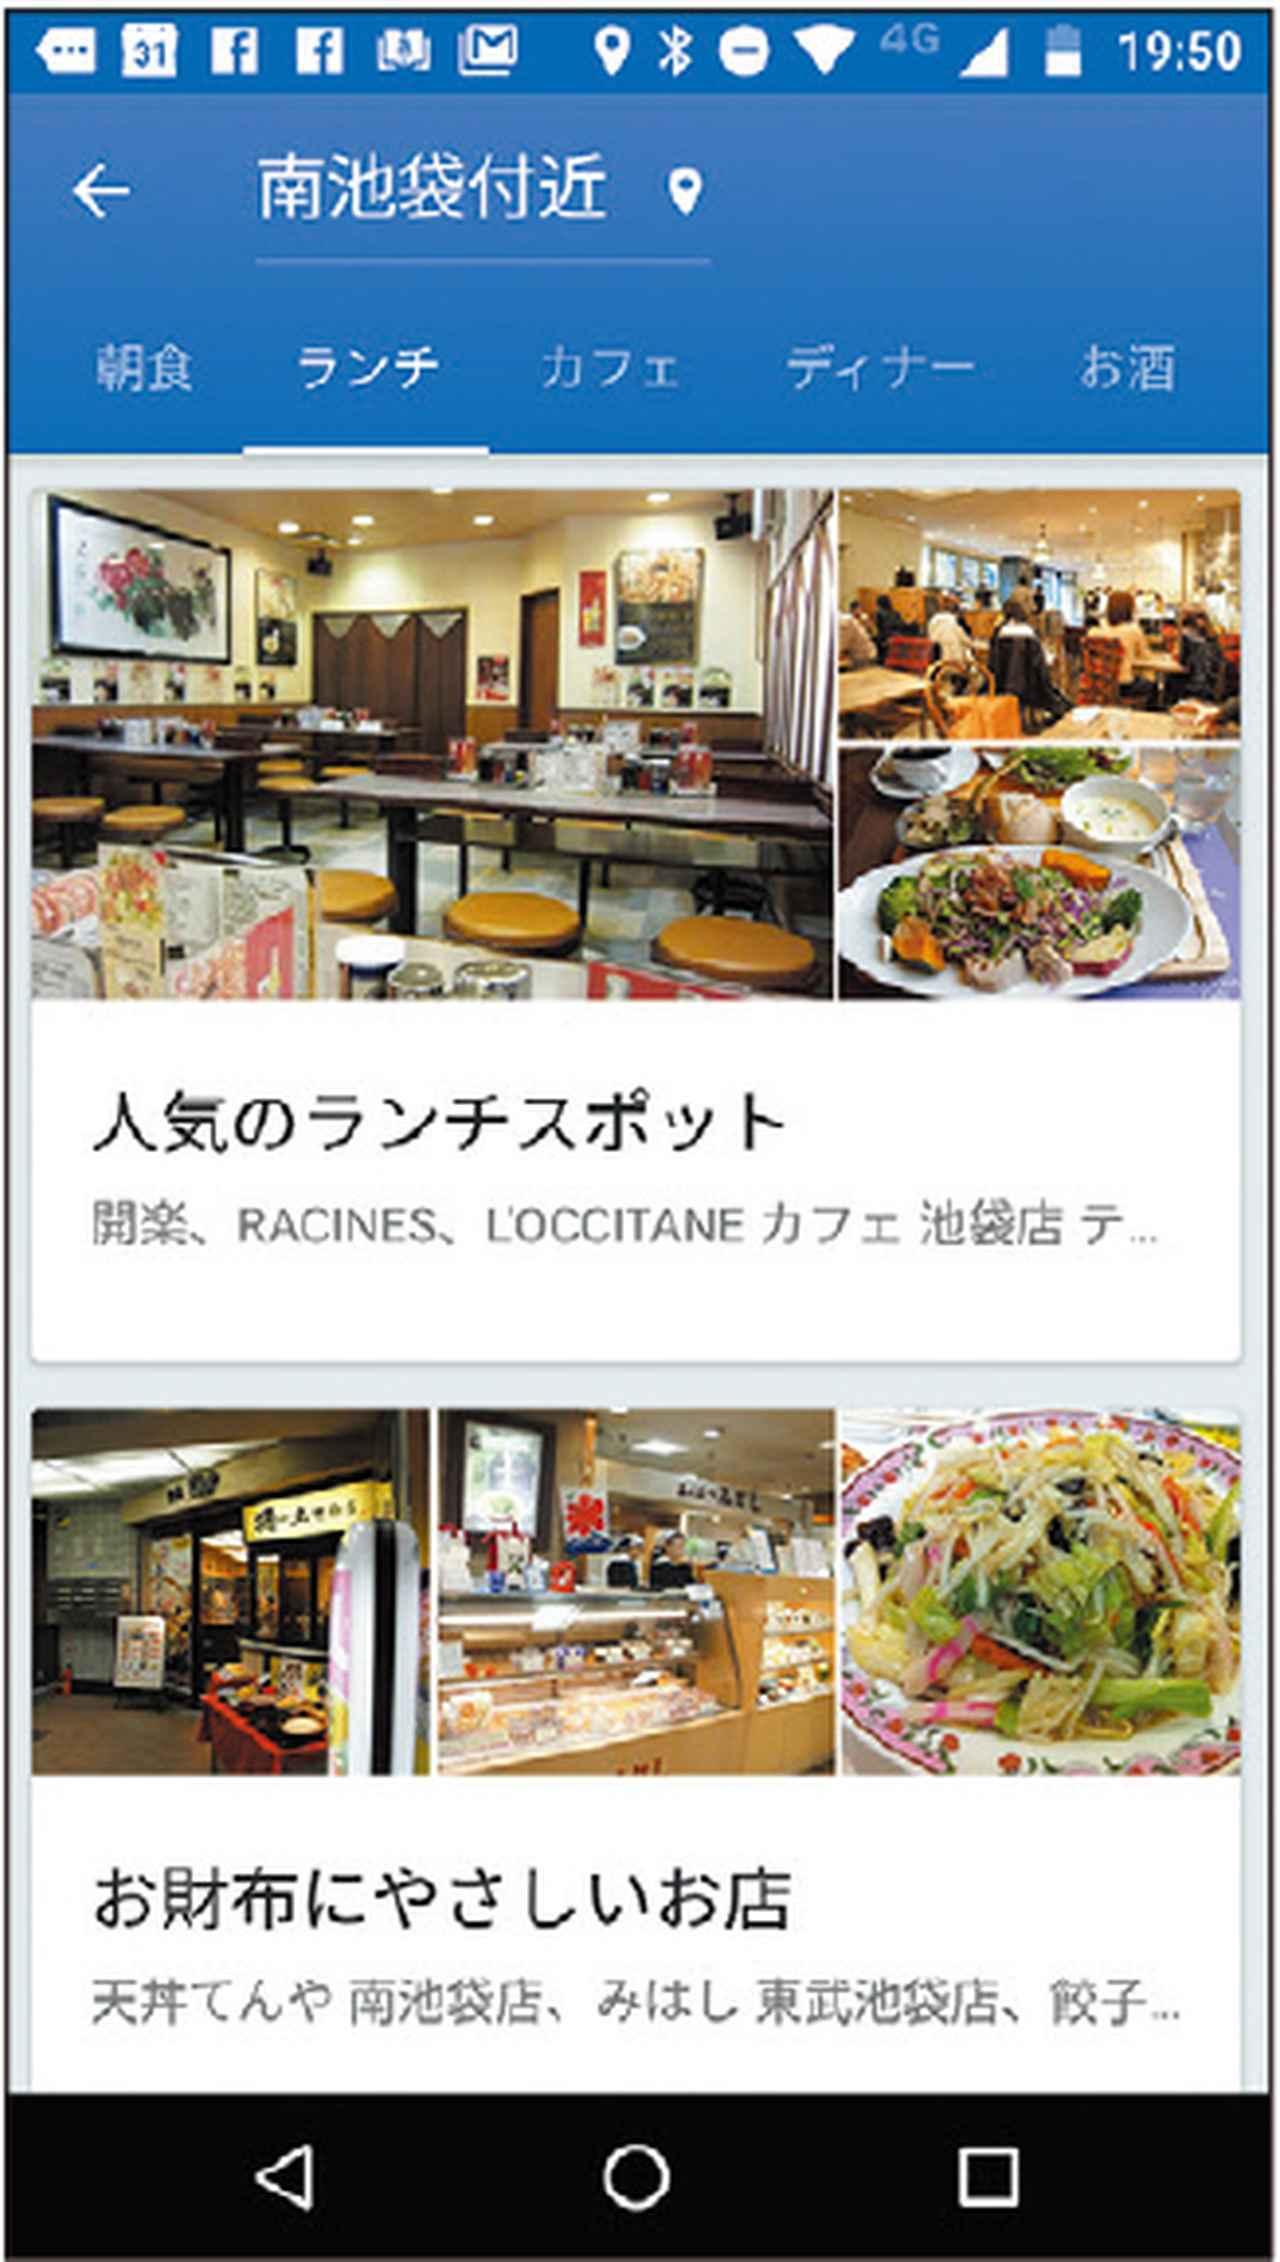 画像: 「朝食」「ランチ」「カフェ」「ディナー」「お酒」に分類された飲食店情報が表示される。さらに、「お財布にやさしいお店」「お子様連れ向きのお店」など、その場所に応じた目的別の候補を見ることもできる。